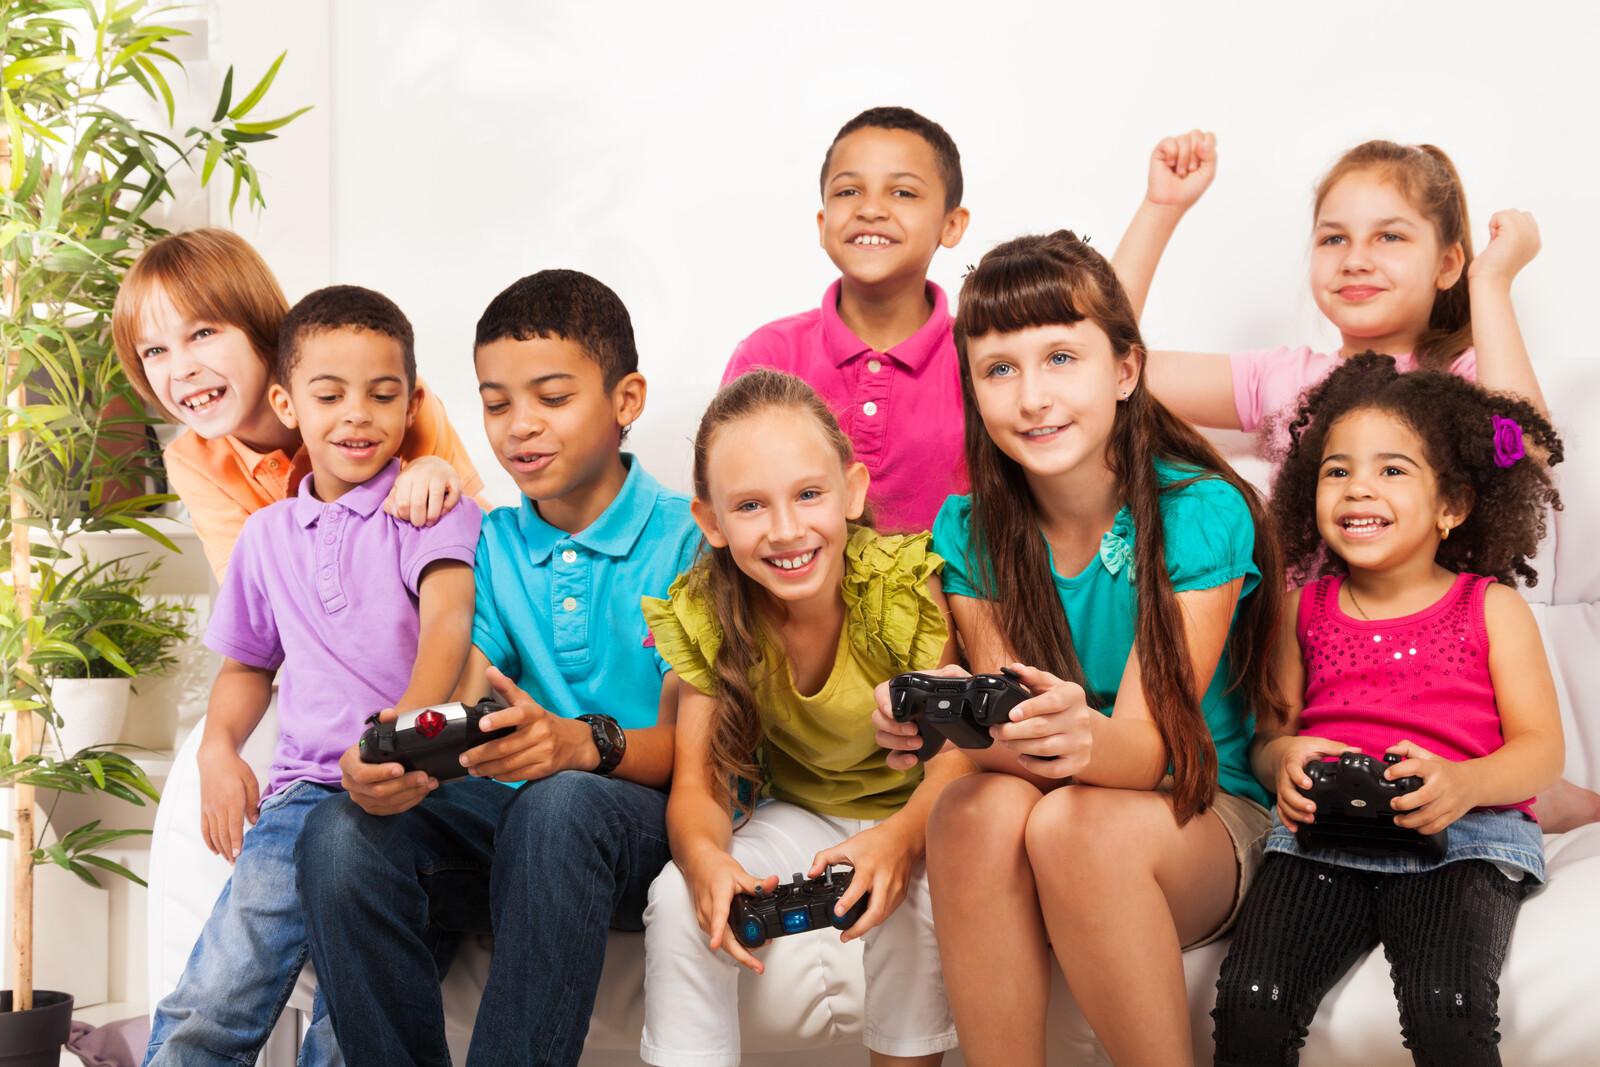 ANTES DE REGALAR UN VIDEOJUEGO, CONOCE SU CLASIFICACIÓN POR MEDIO DE PEGI (Pan European Game Information)